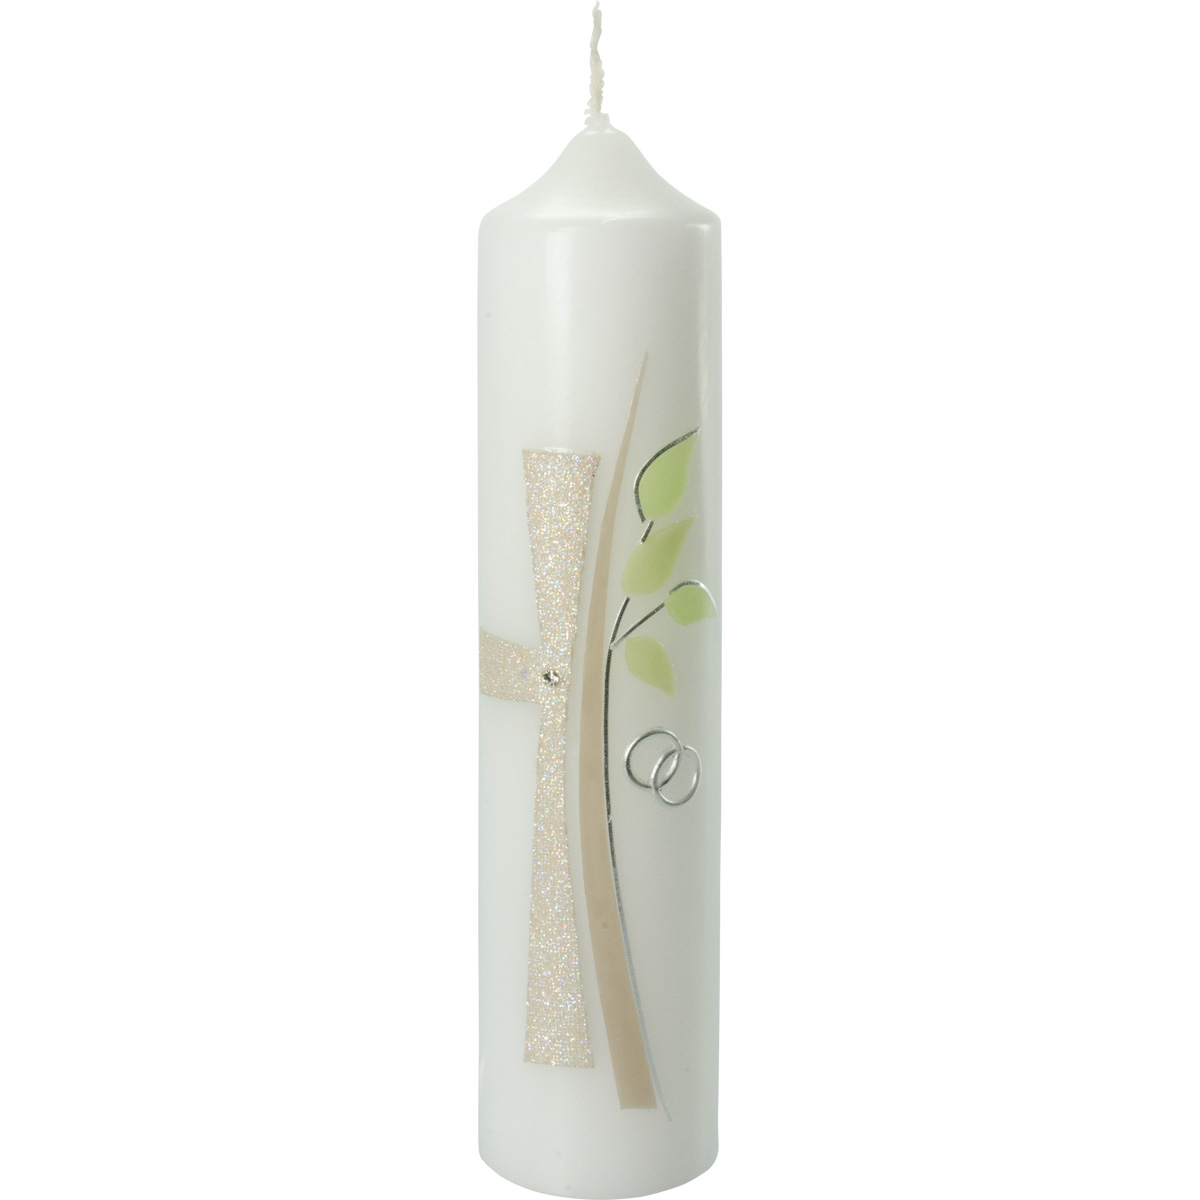 Hochzeitskerze, #5026, 265x60, Kreuz, Baum, glimmer-grün-silber